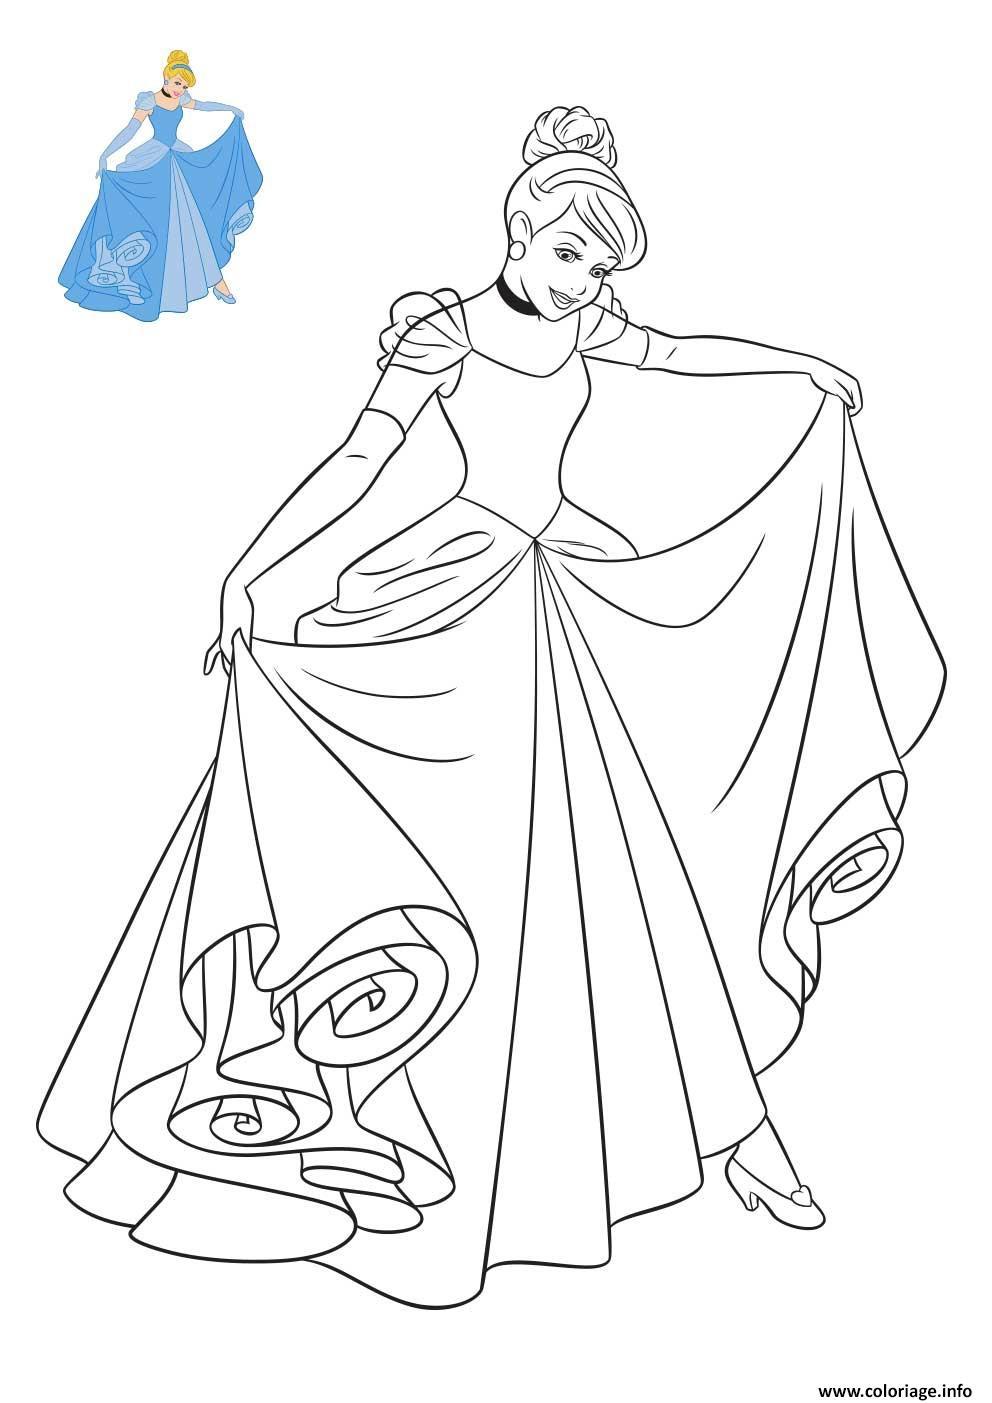 Coloriage Cendrillon Princesse Disney dessin